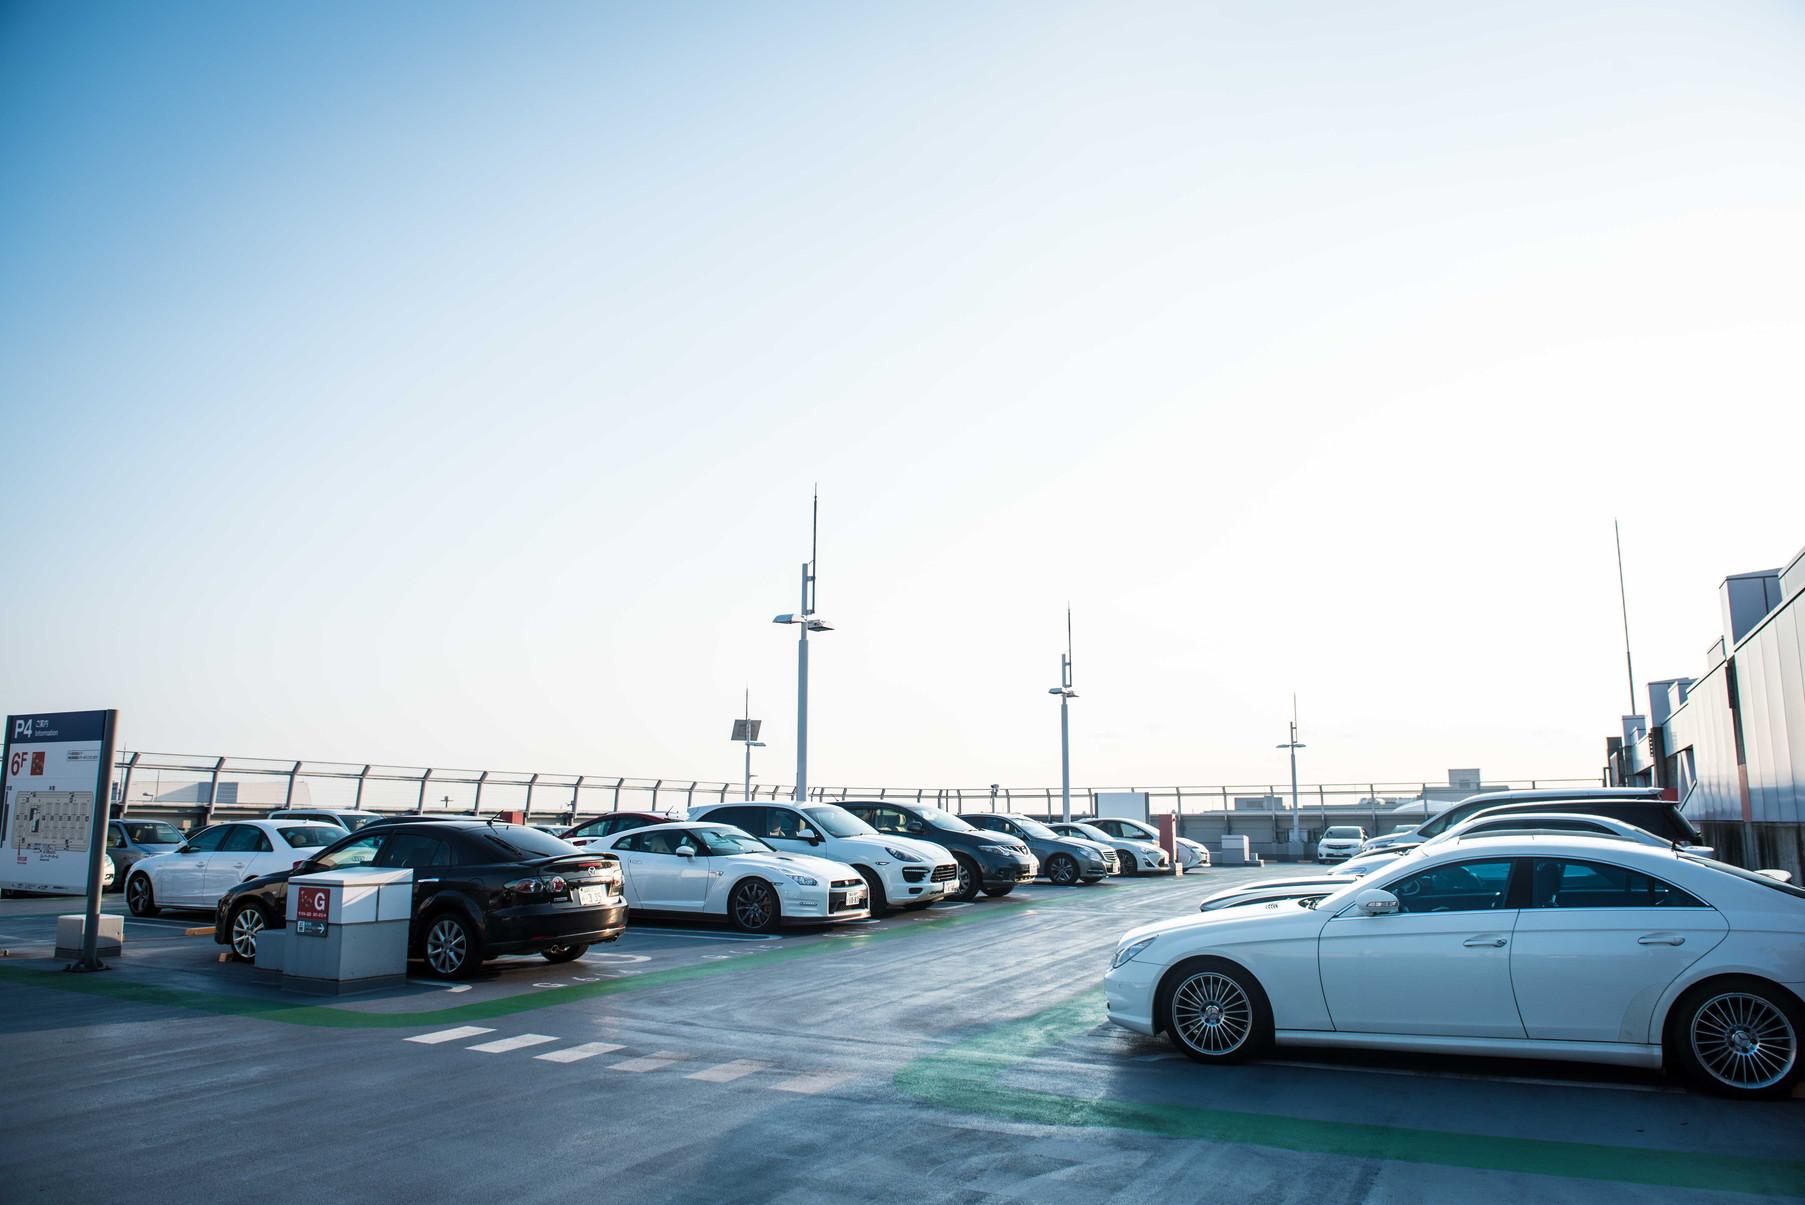 羽田空港駐車場1